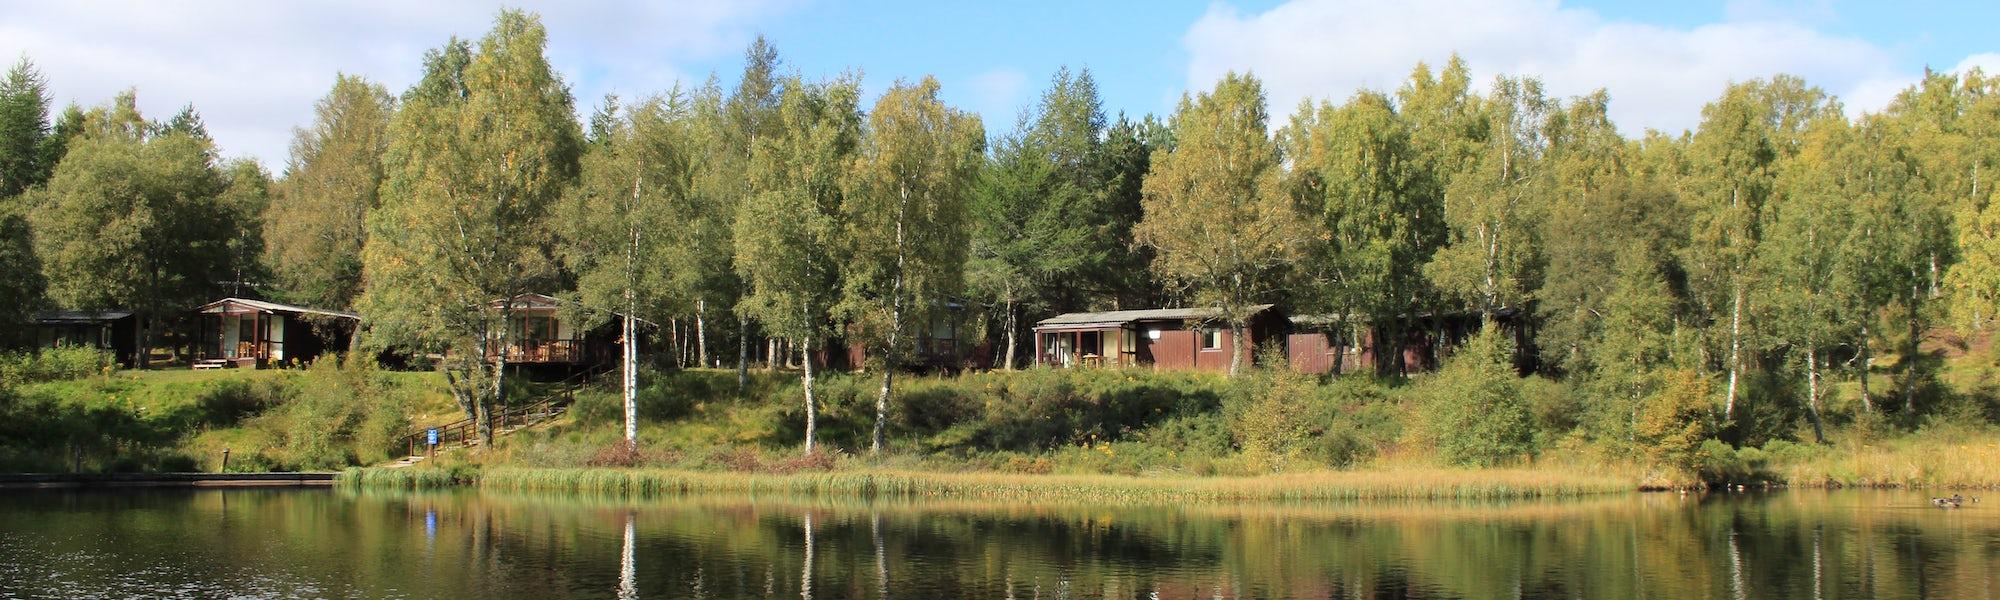 Lochan Cabin